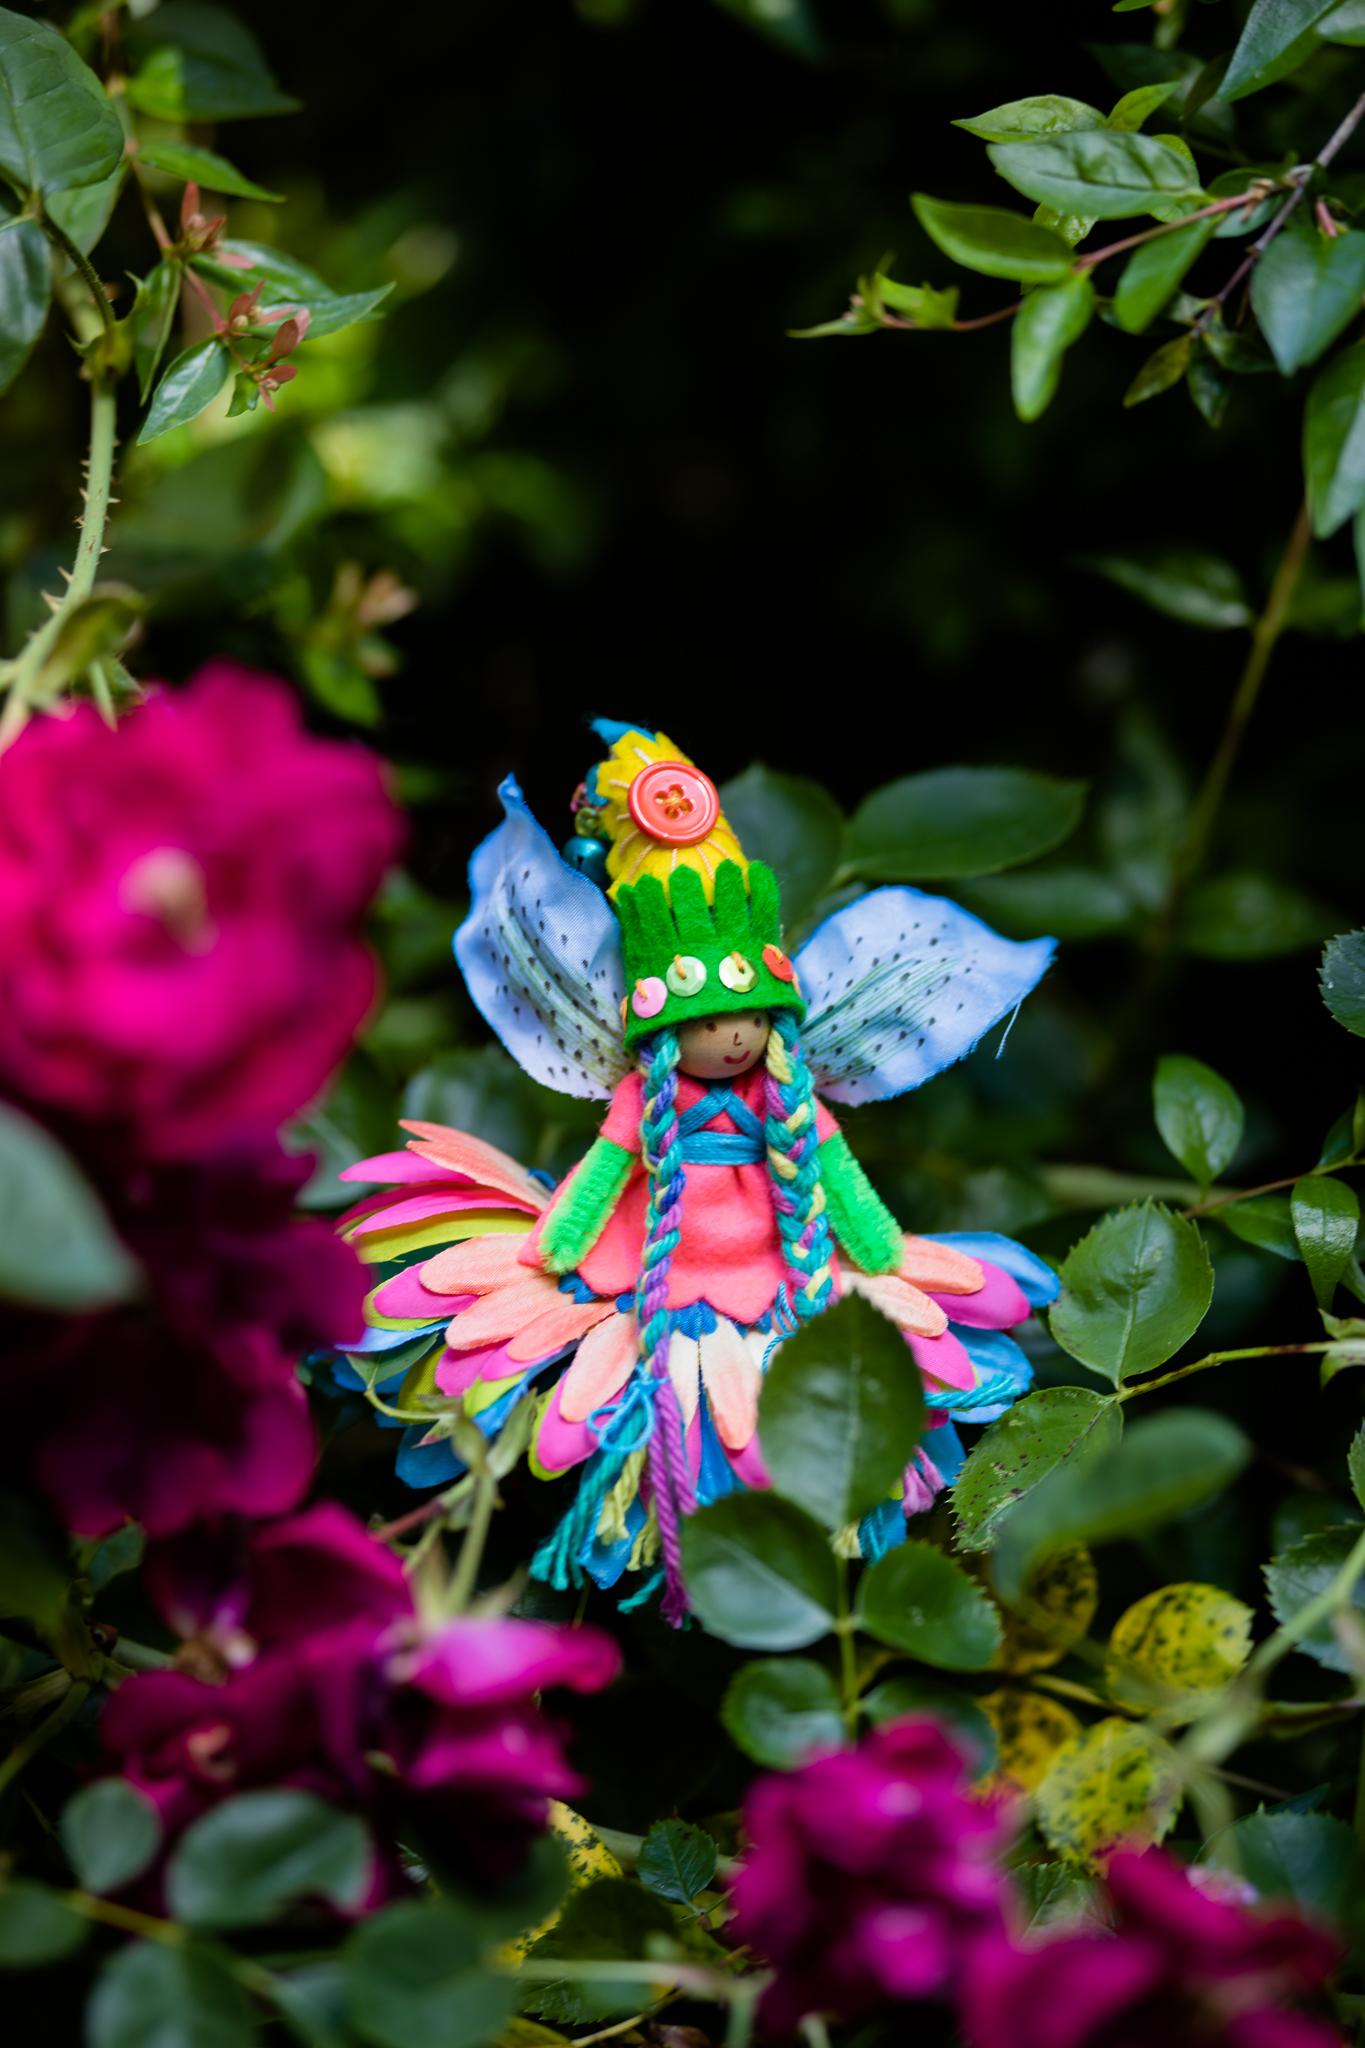 Gnome Garden: Summer Party Blog Tour